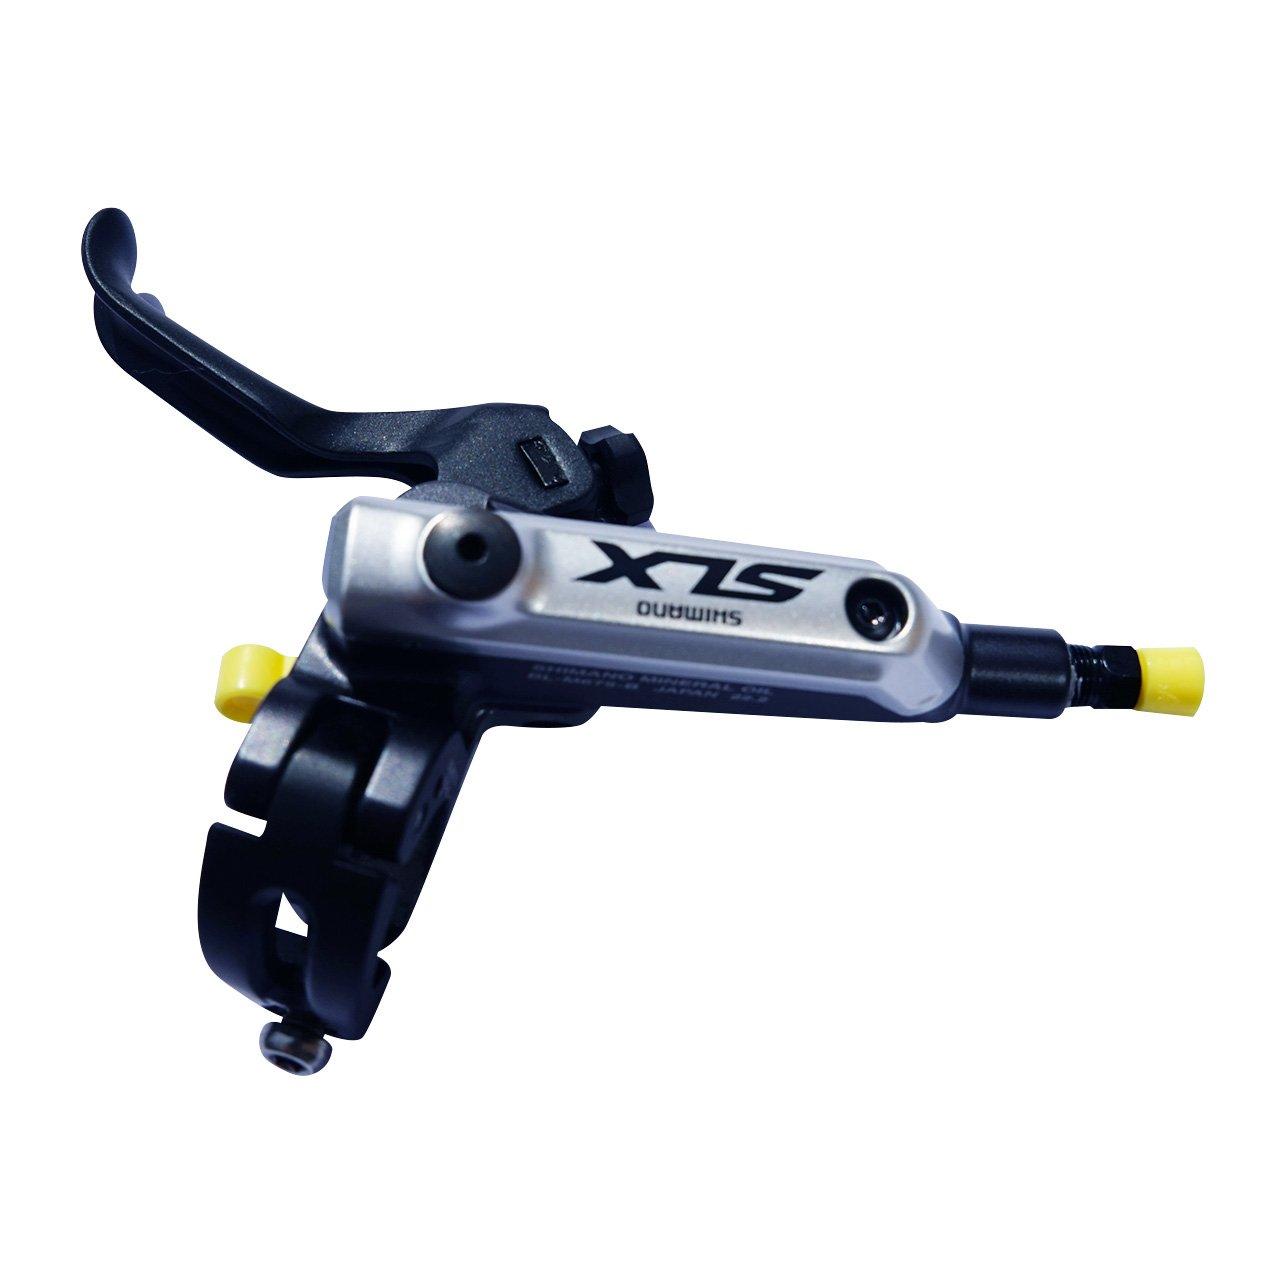 Shimano SLX M675j-kit palanca de freno de disco hidráulico y pinza de freno delantera izquierda mano